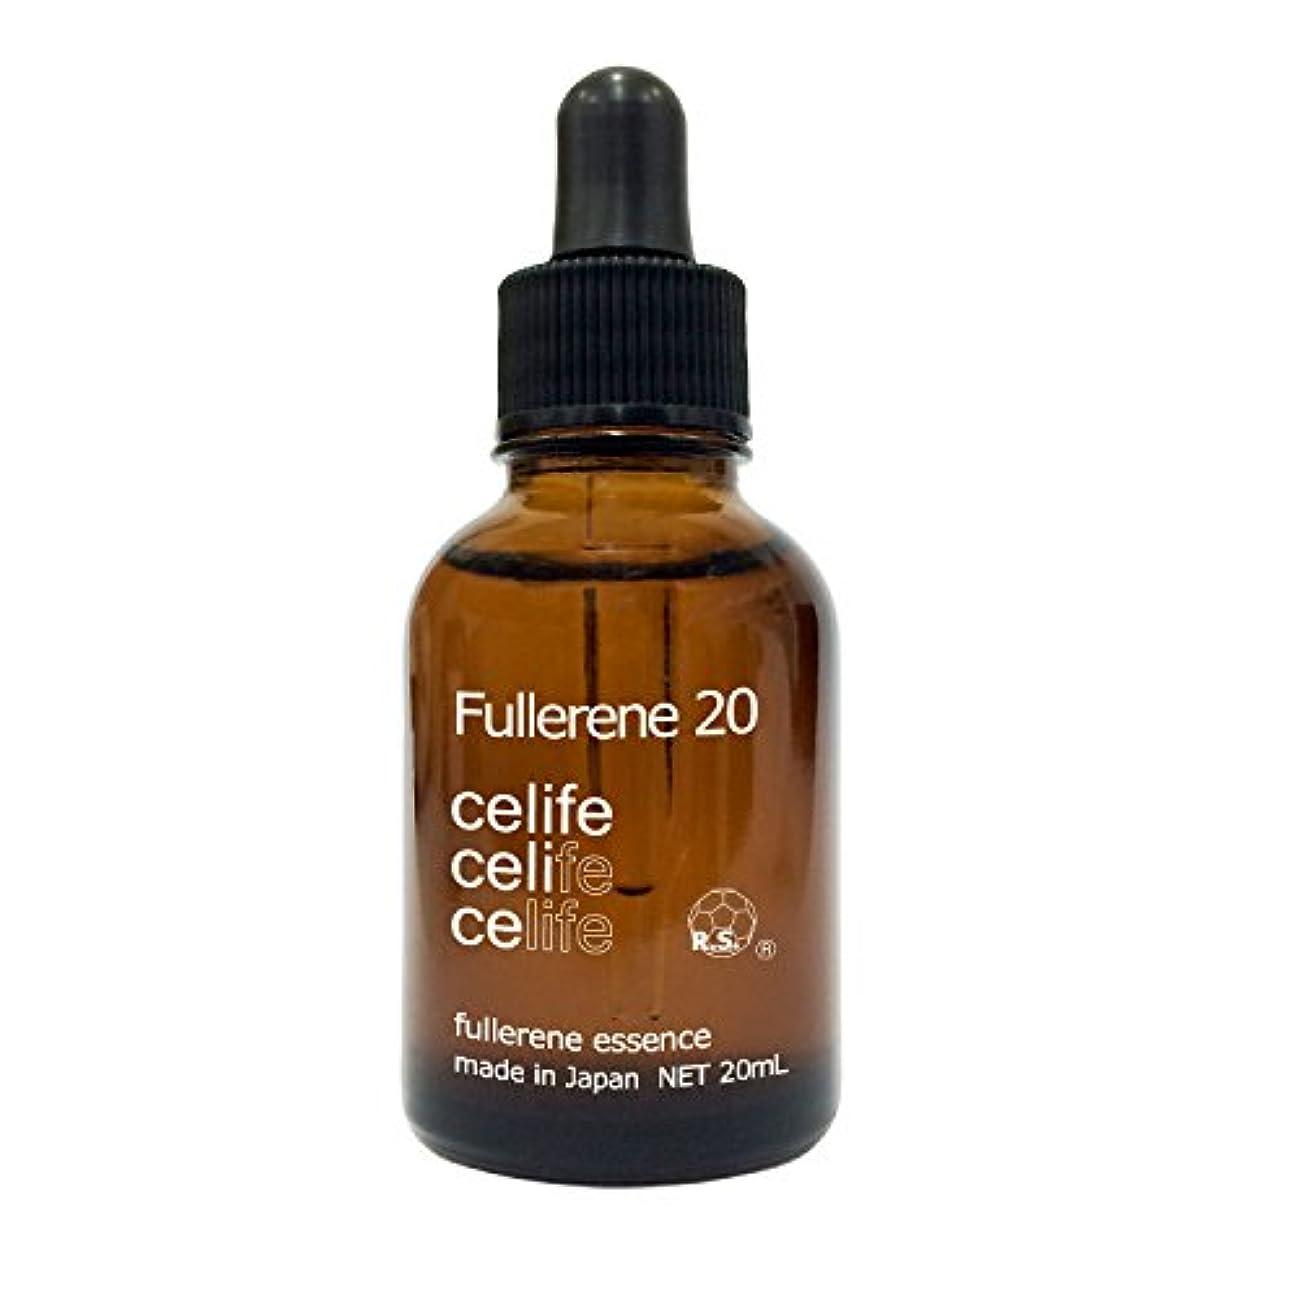 光沢感性純粋にフラーレン美容液 フラーレン20 Fullerene 20